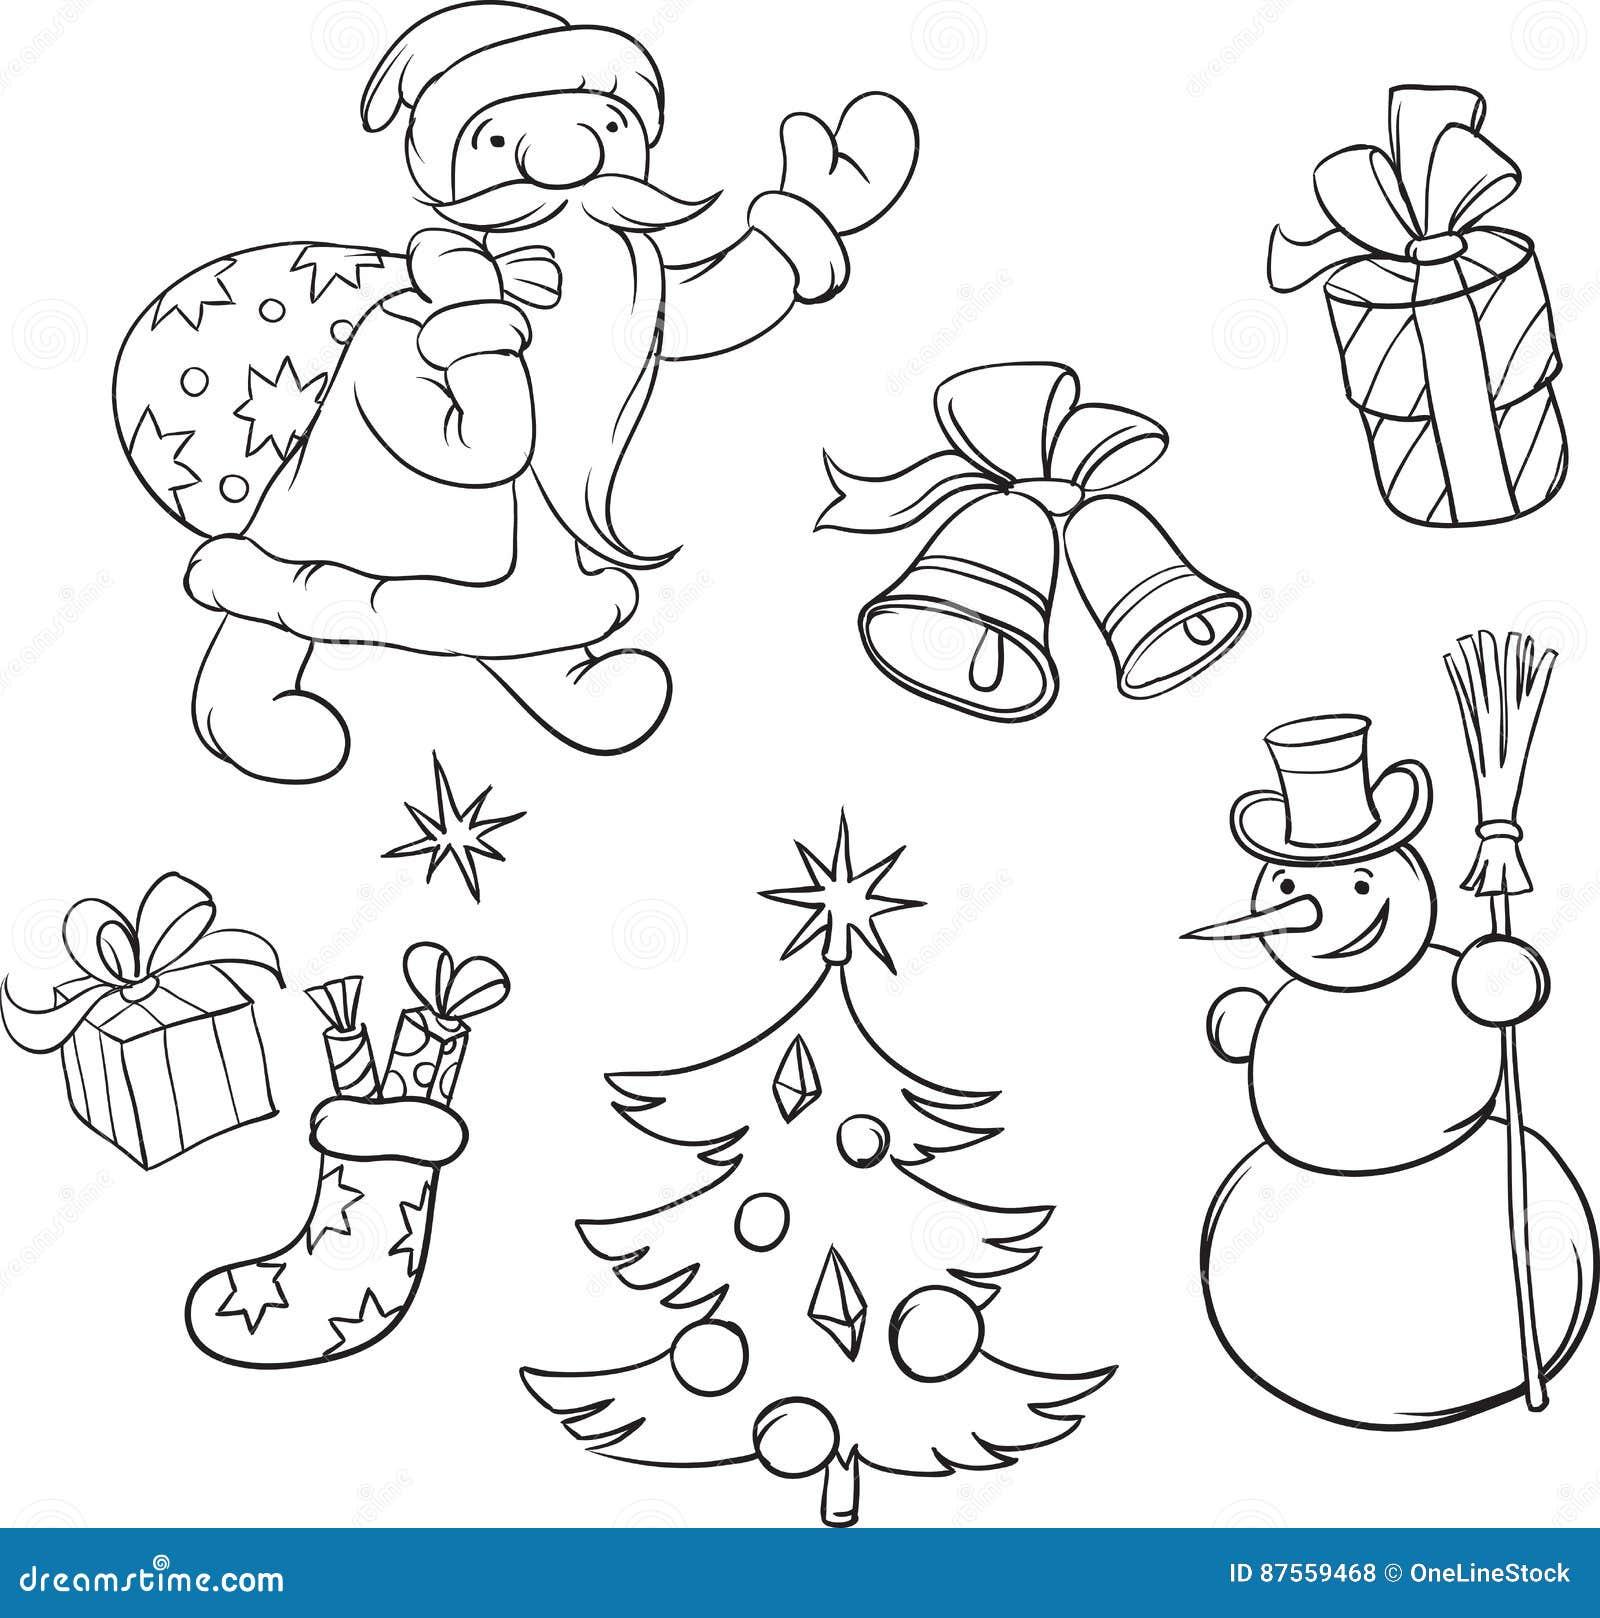 Immagini Del Natale Da Colorare.Simboli Del Libro Da Colorare Santa Claus E Di Natale